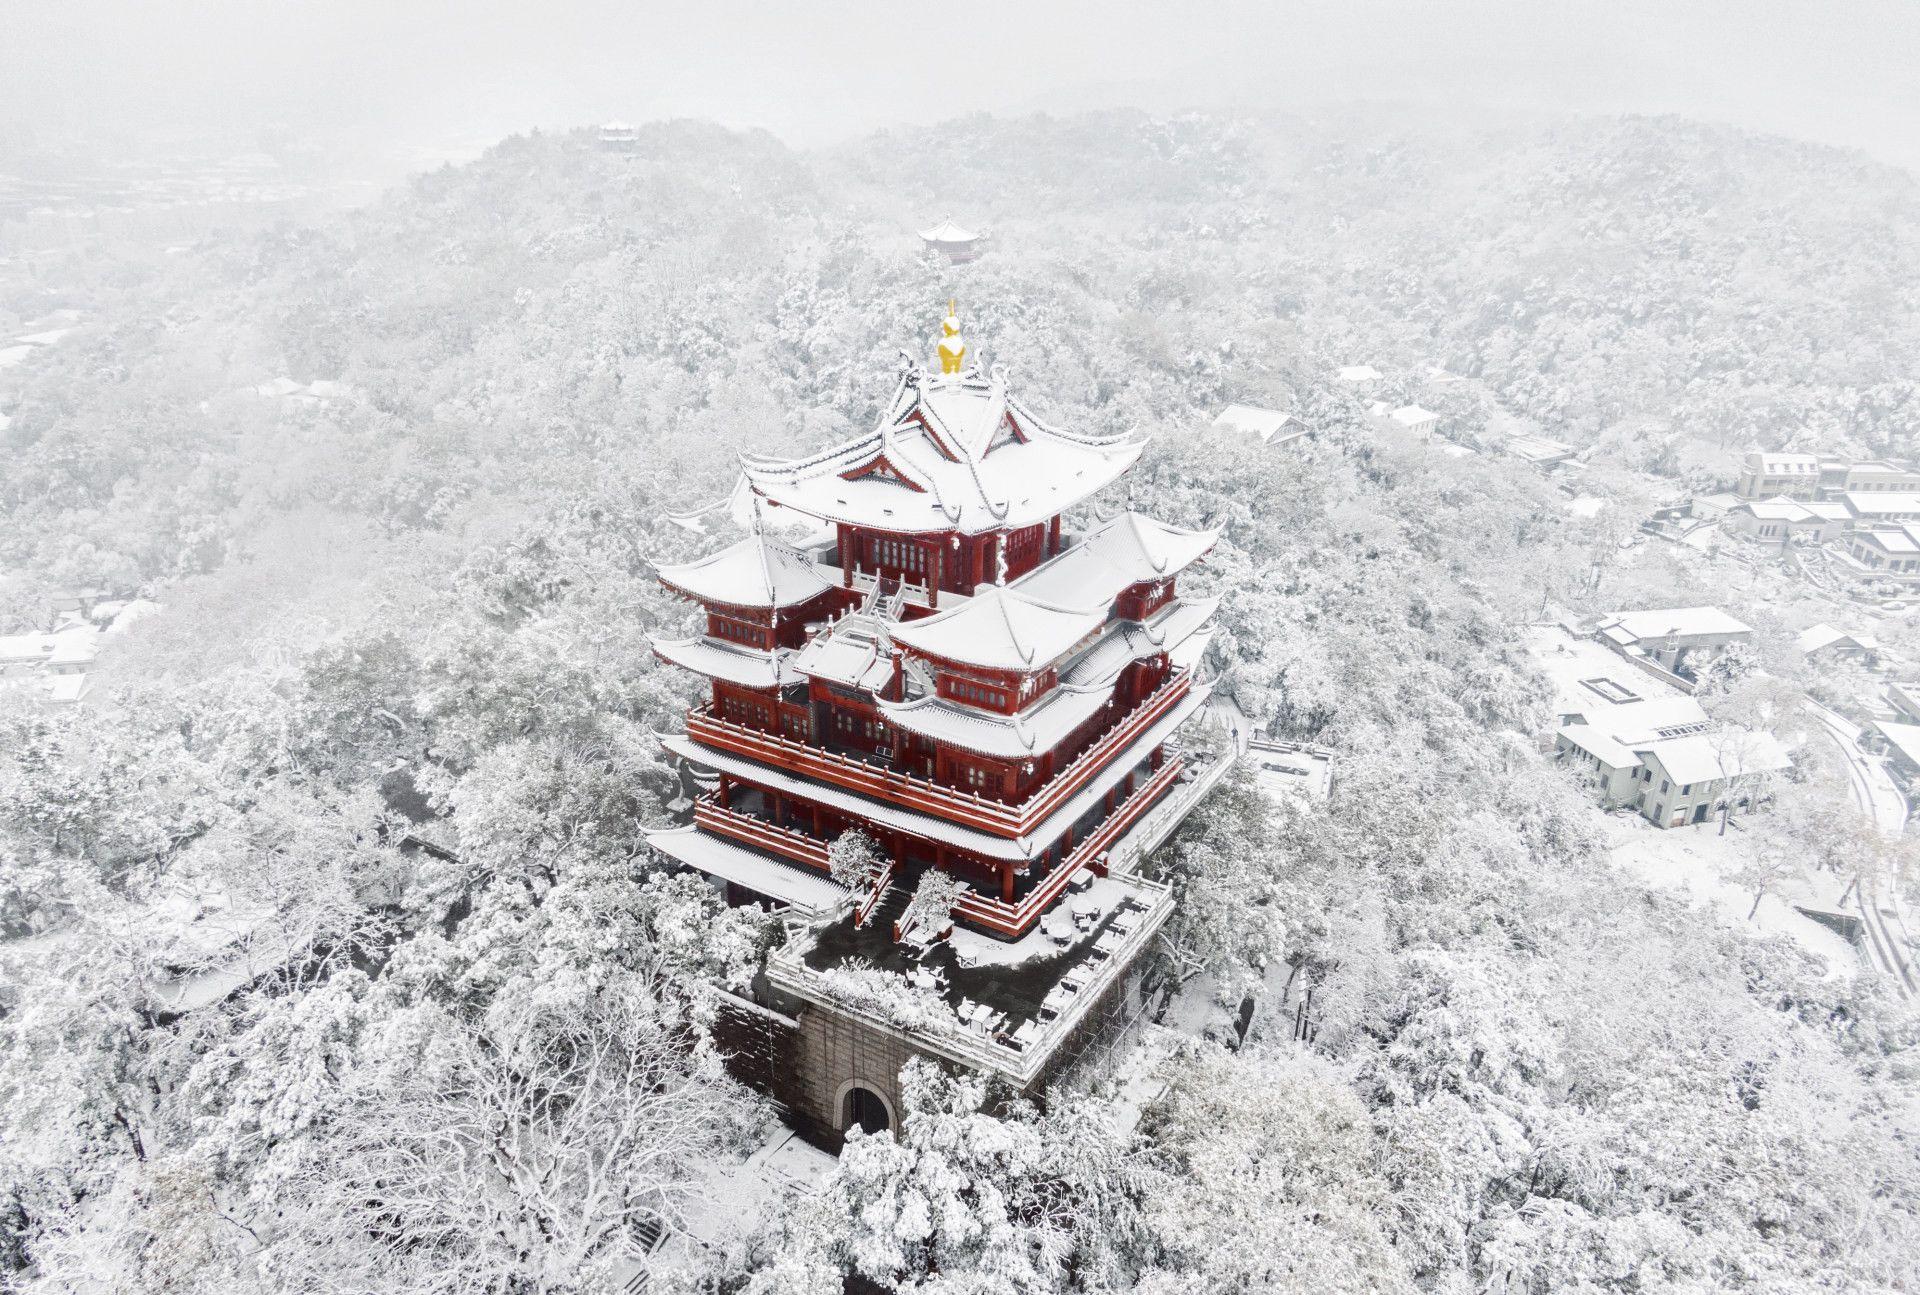 今冬南方的雪景美到爆,虽带给人们寒冷,但却为大地铺上一片洁白